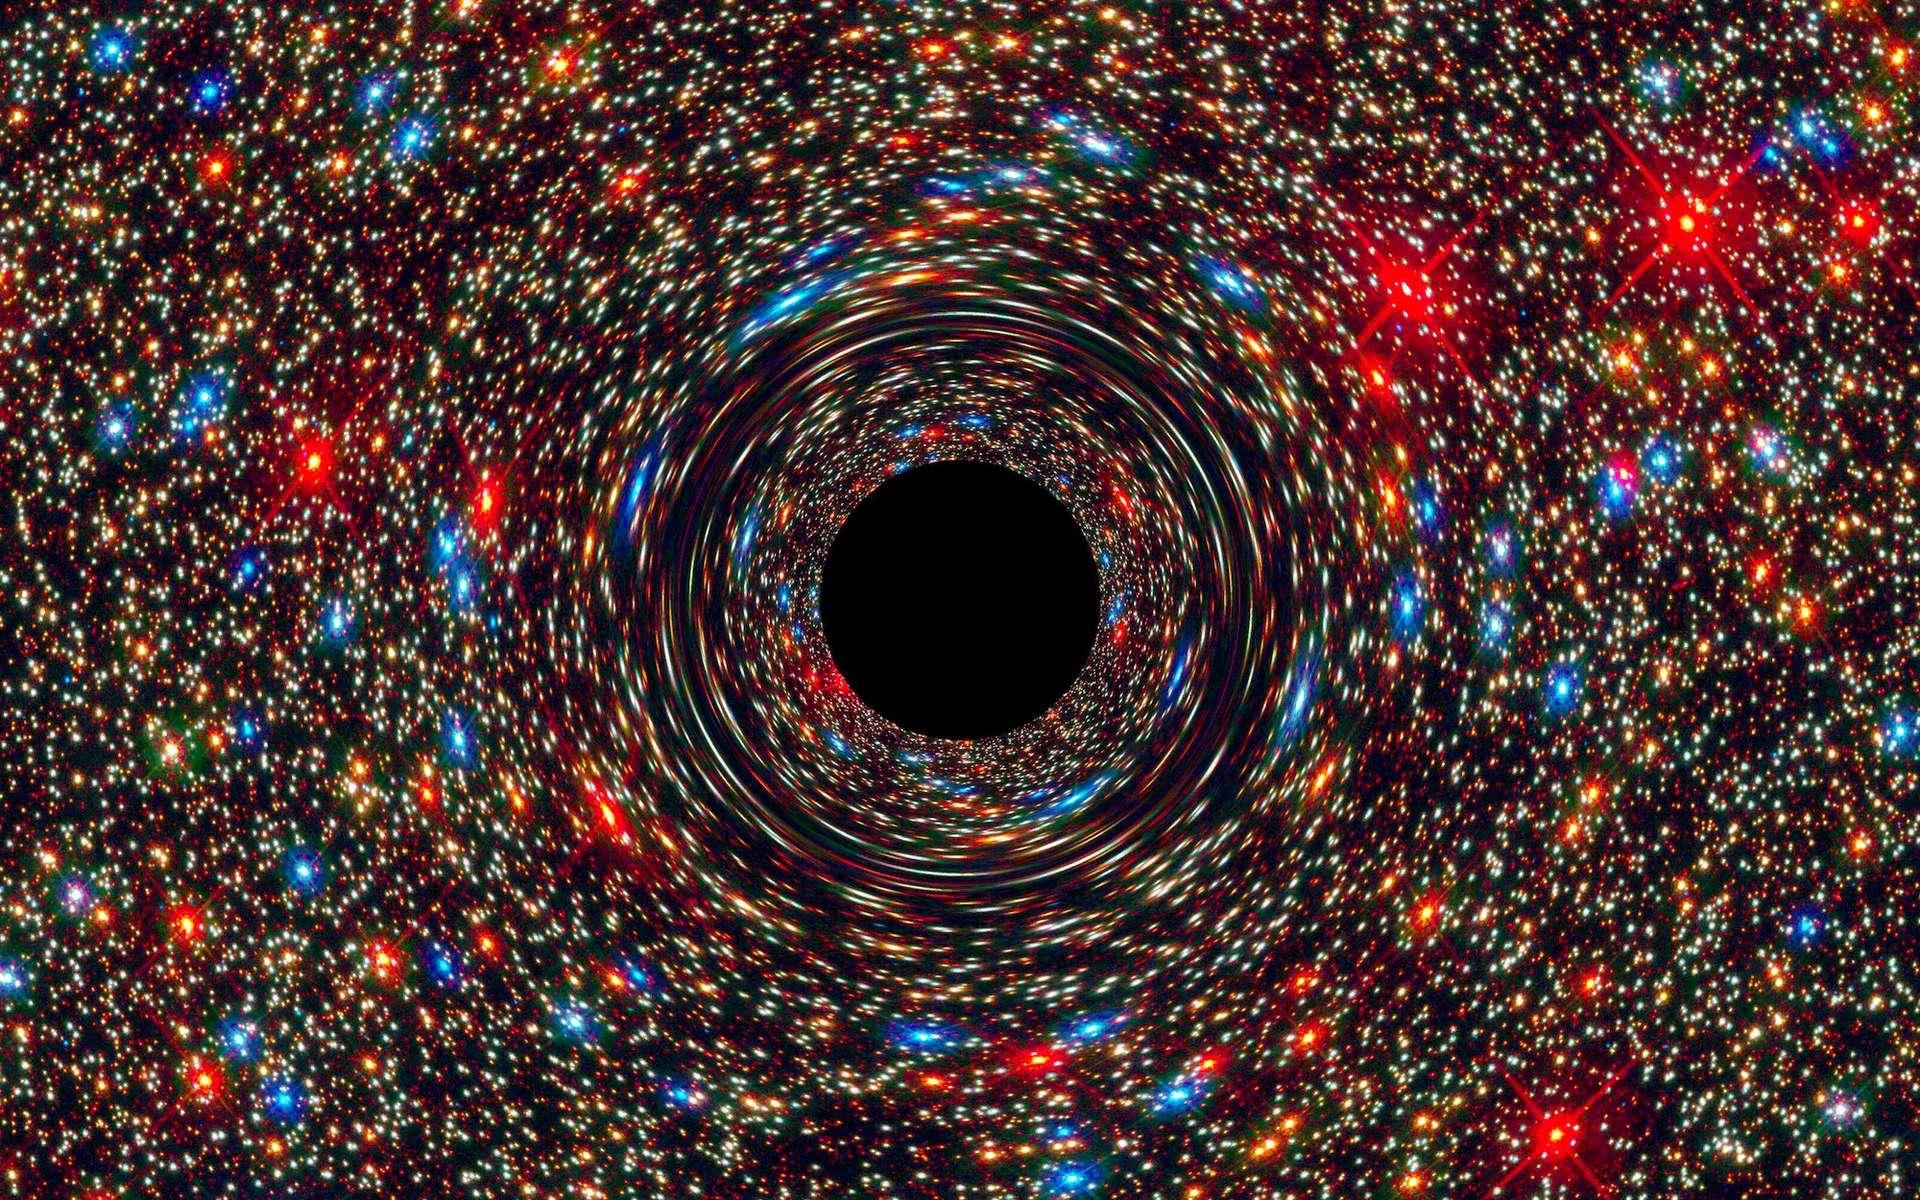 Image d'un trou noir supermassif au centre d'une galaxie simulée par ordinateur. Le rond noir figure l'horizon des événements, limite au-delà de laquelle toute matière ne peut plus s'échapper. Plus la masse de ce puits gravitationnel est grande, plus l'espace et le temps sont déformés, ce qui produit cet effet de miroir déformant sur les étoiles à l'arrière-plan. © Nasa, Esa, C.-P. Ma (University of California, Berkeley), J. Thomas (Max Planck Institute for Extraterrestrial Physics, Garching)